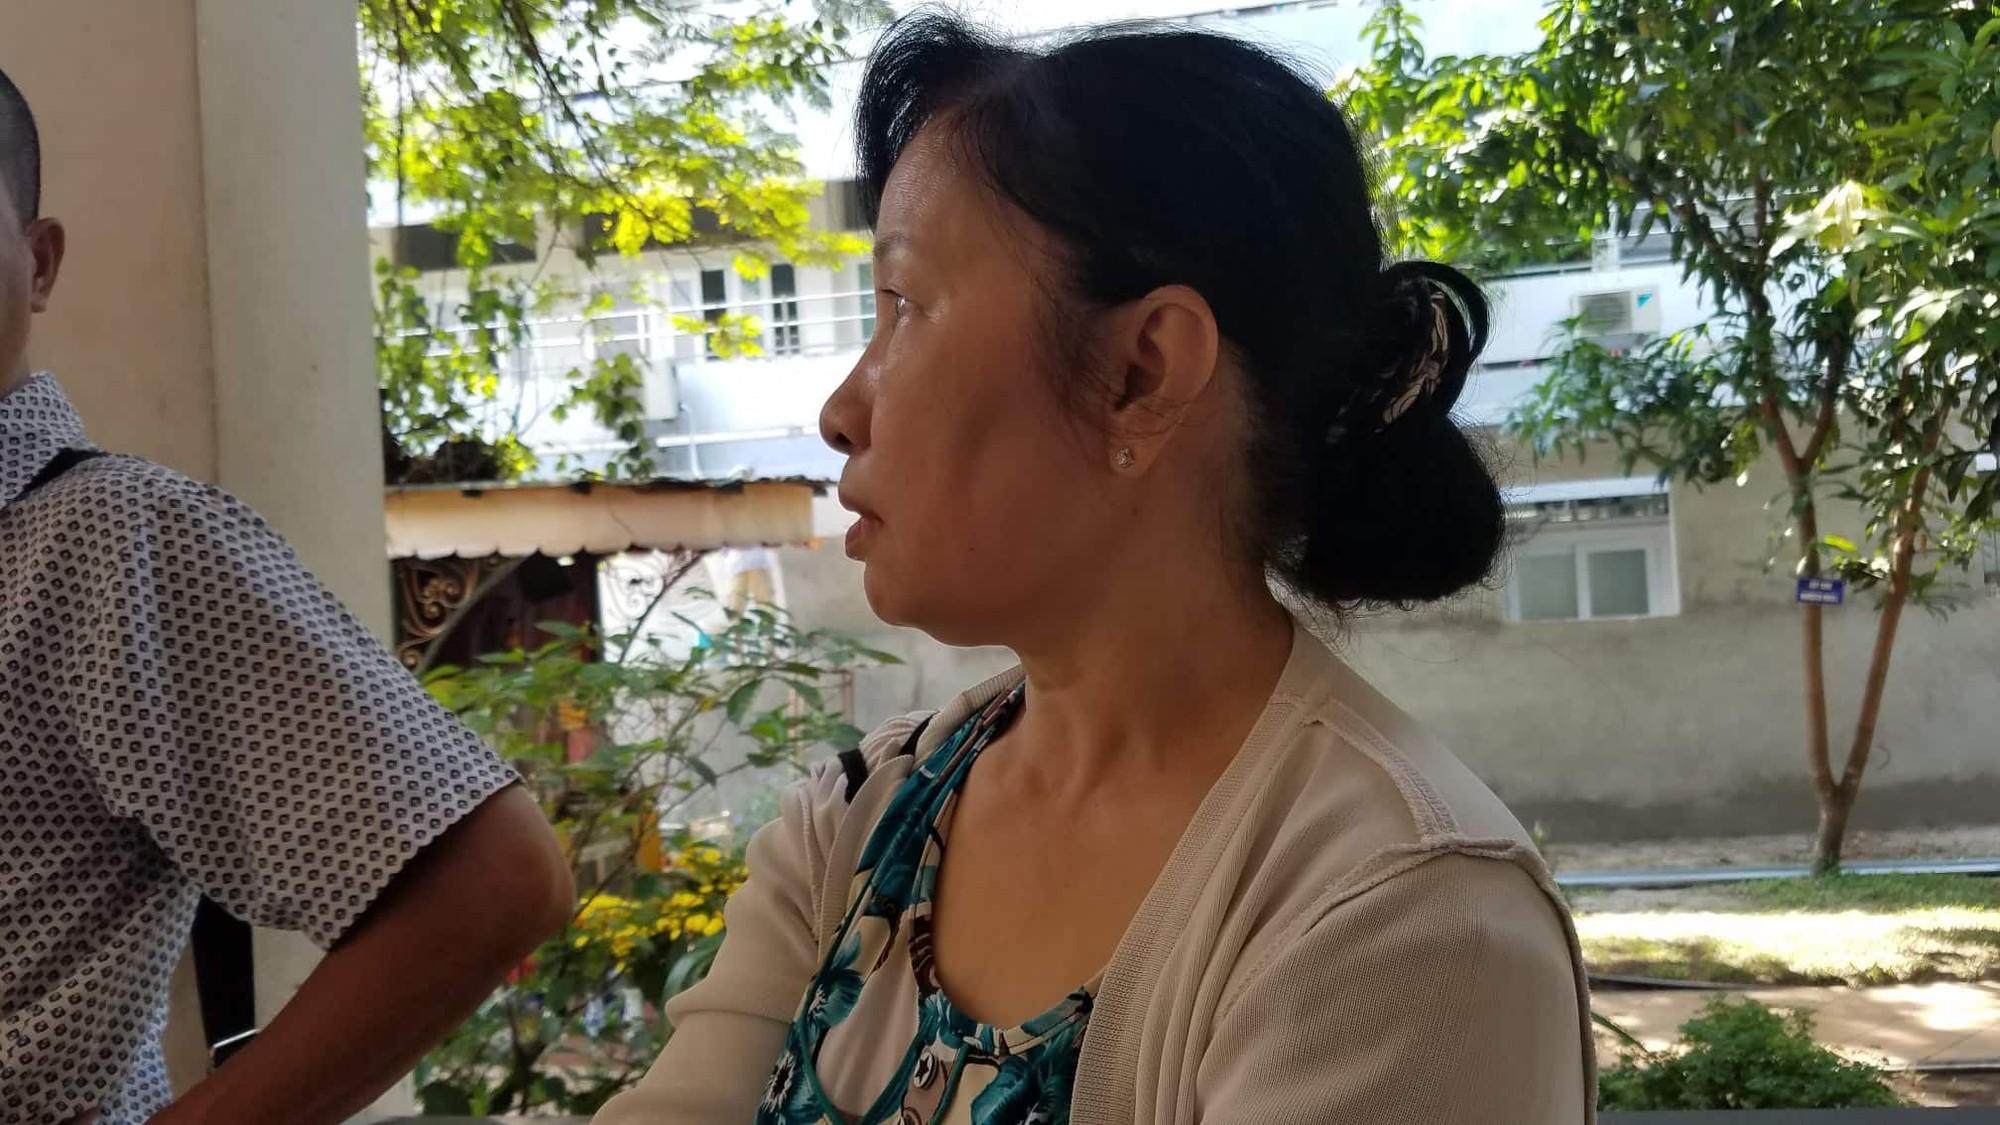 Mẹ của nạn nhân bị thương nặng trong vụ ô tô BMW đâm liên hoàn ở Sài Gòn: Con chỉ kịp thì thào với tôi vài câu-2